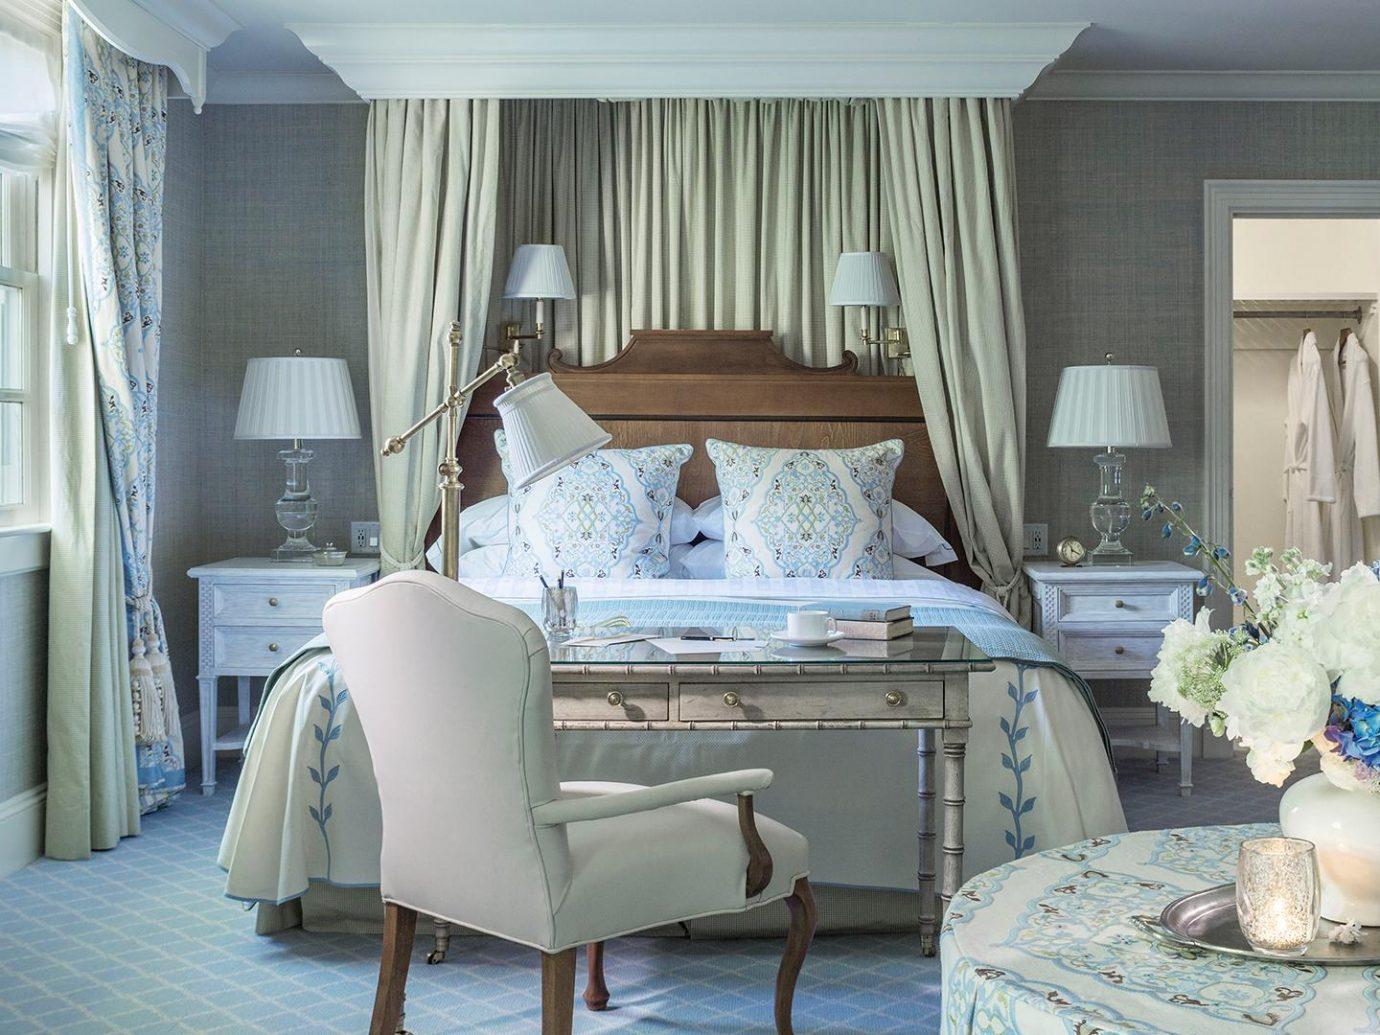 Bedroom at Woodstock Inn & Resort